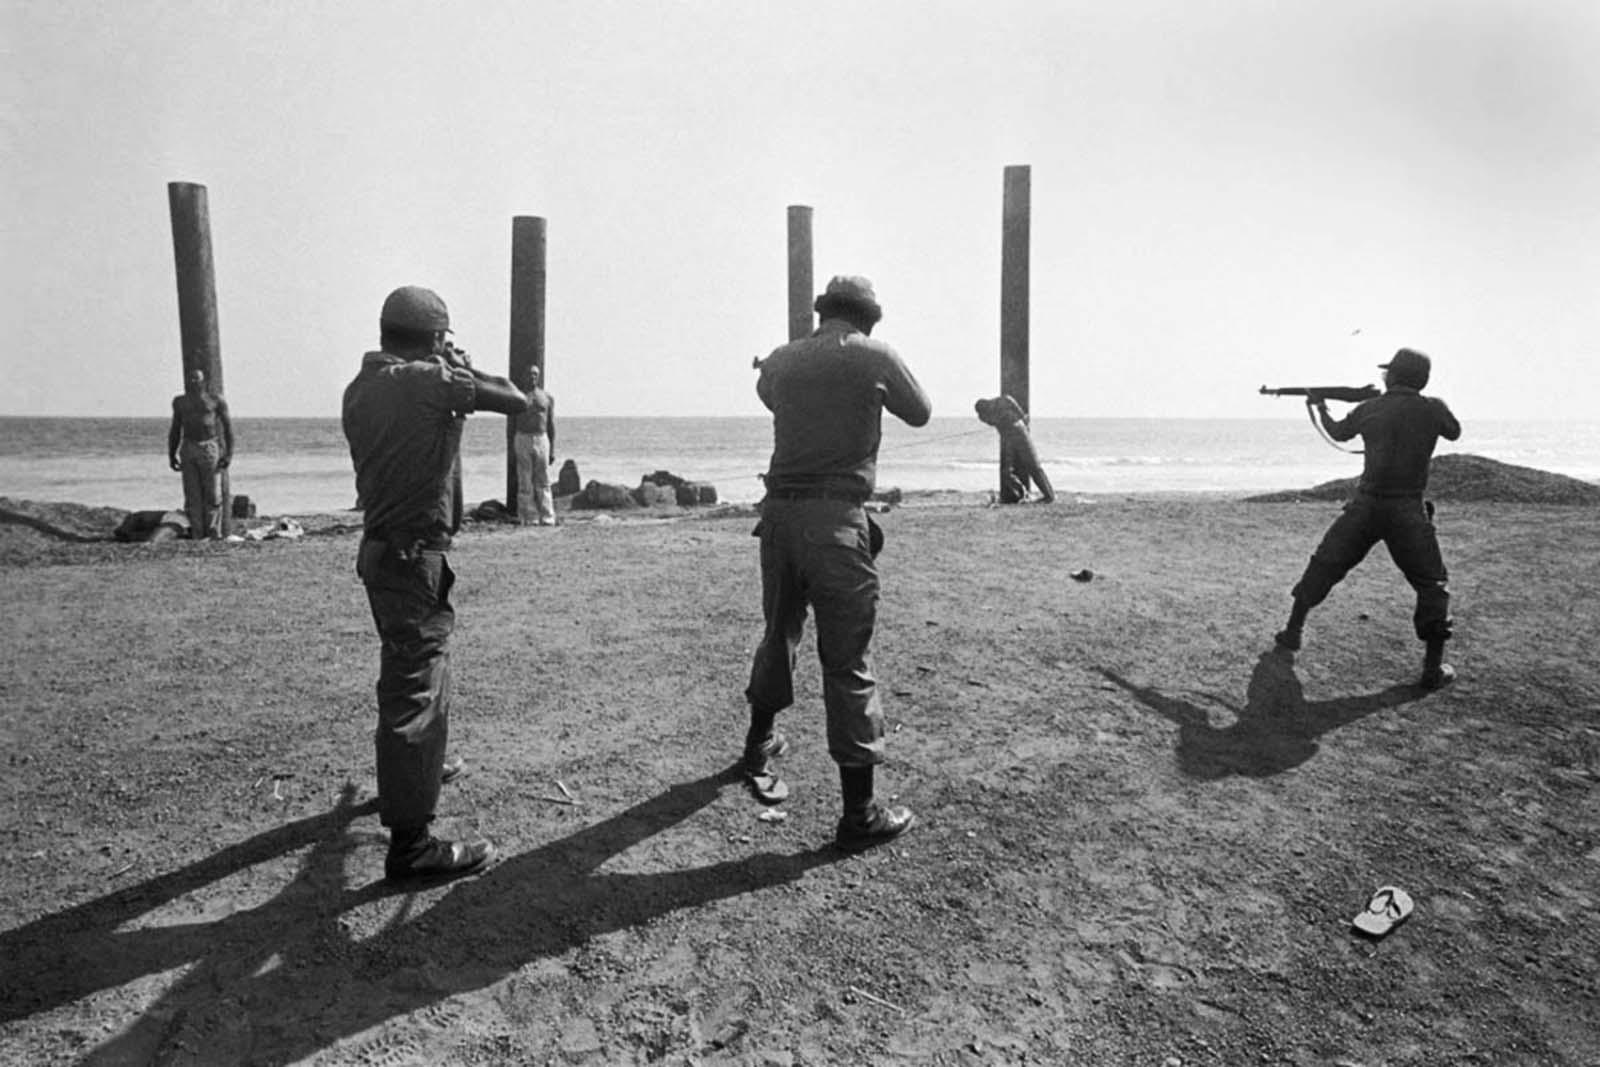 Un escuadrón de ejecución de Liberia dispara una andanada de disparos, matando a los ministros del gabinete de Liberia.